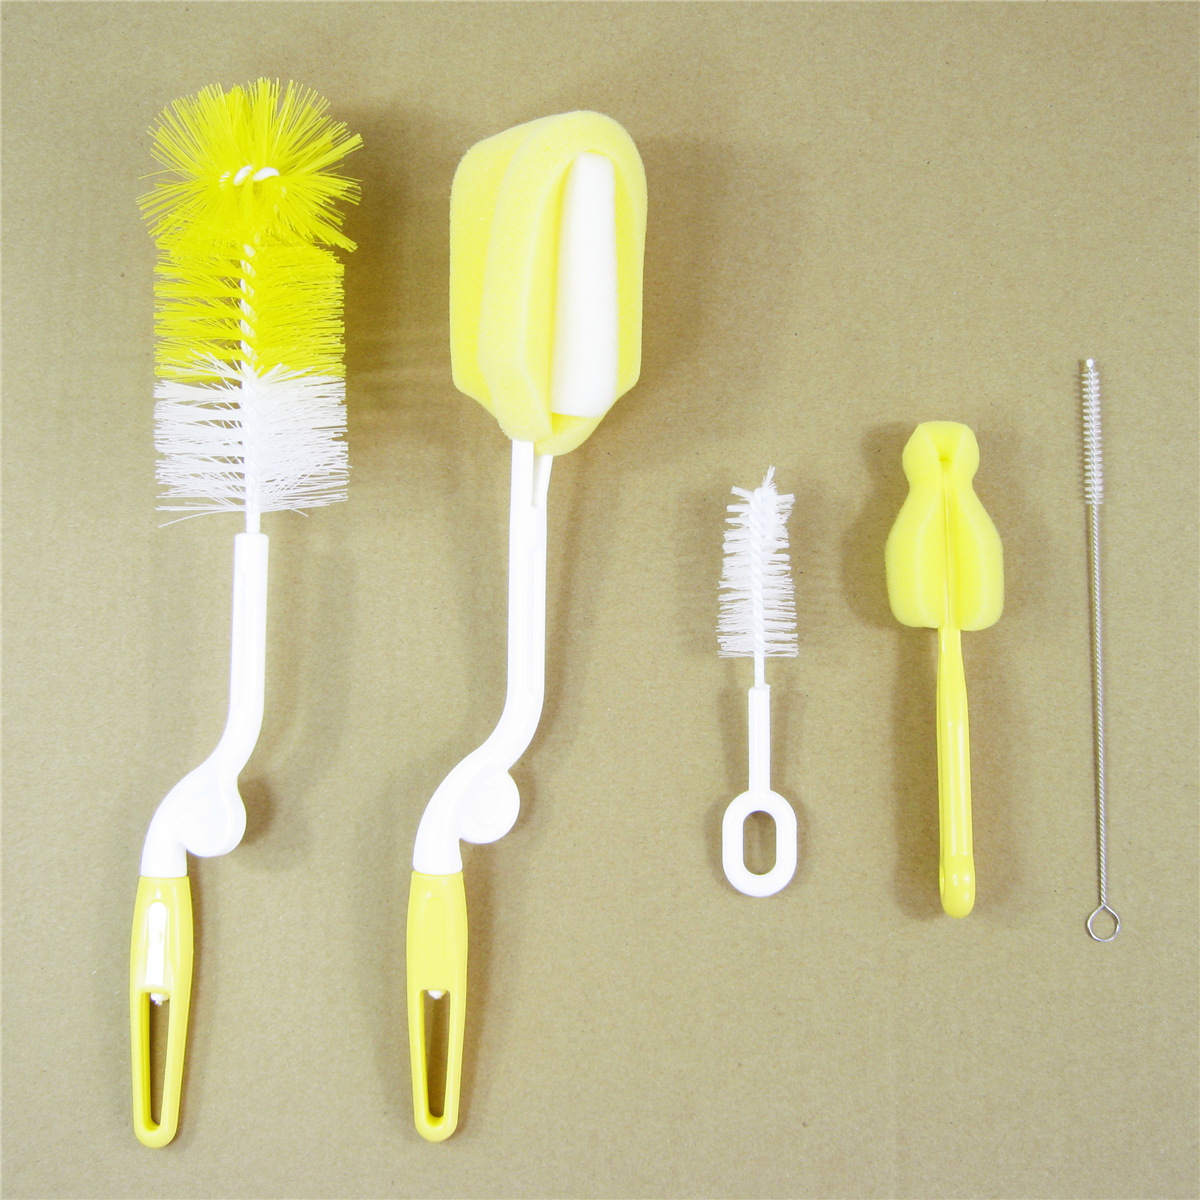 5pcs/set brand sponge plastic glass milk water newborn s